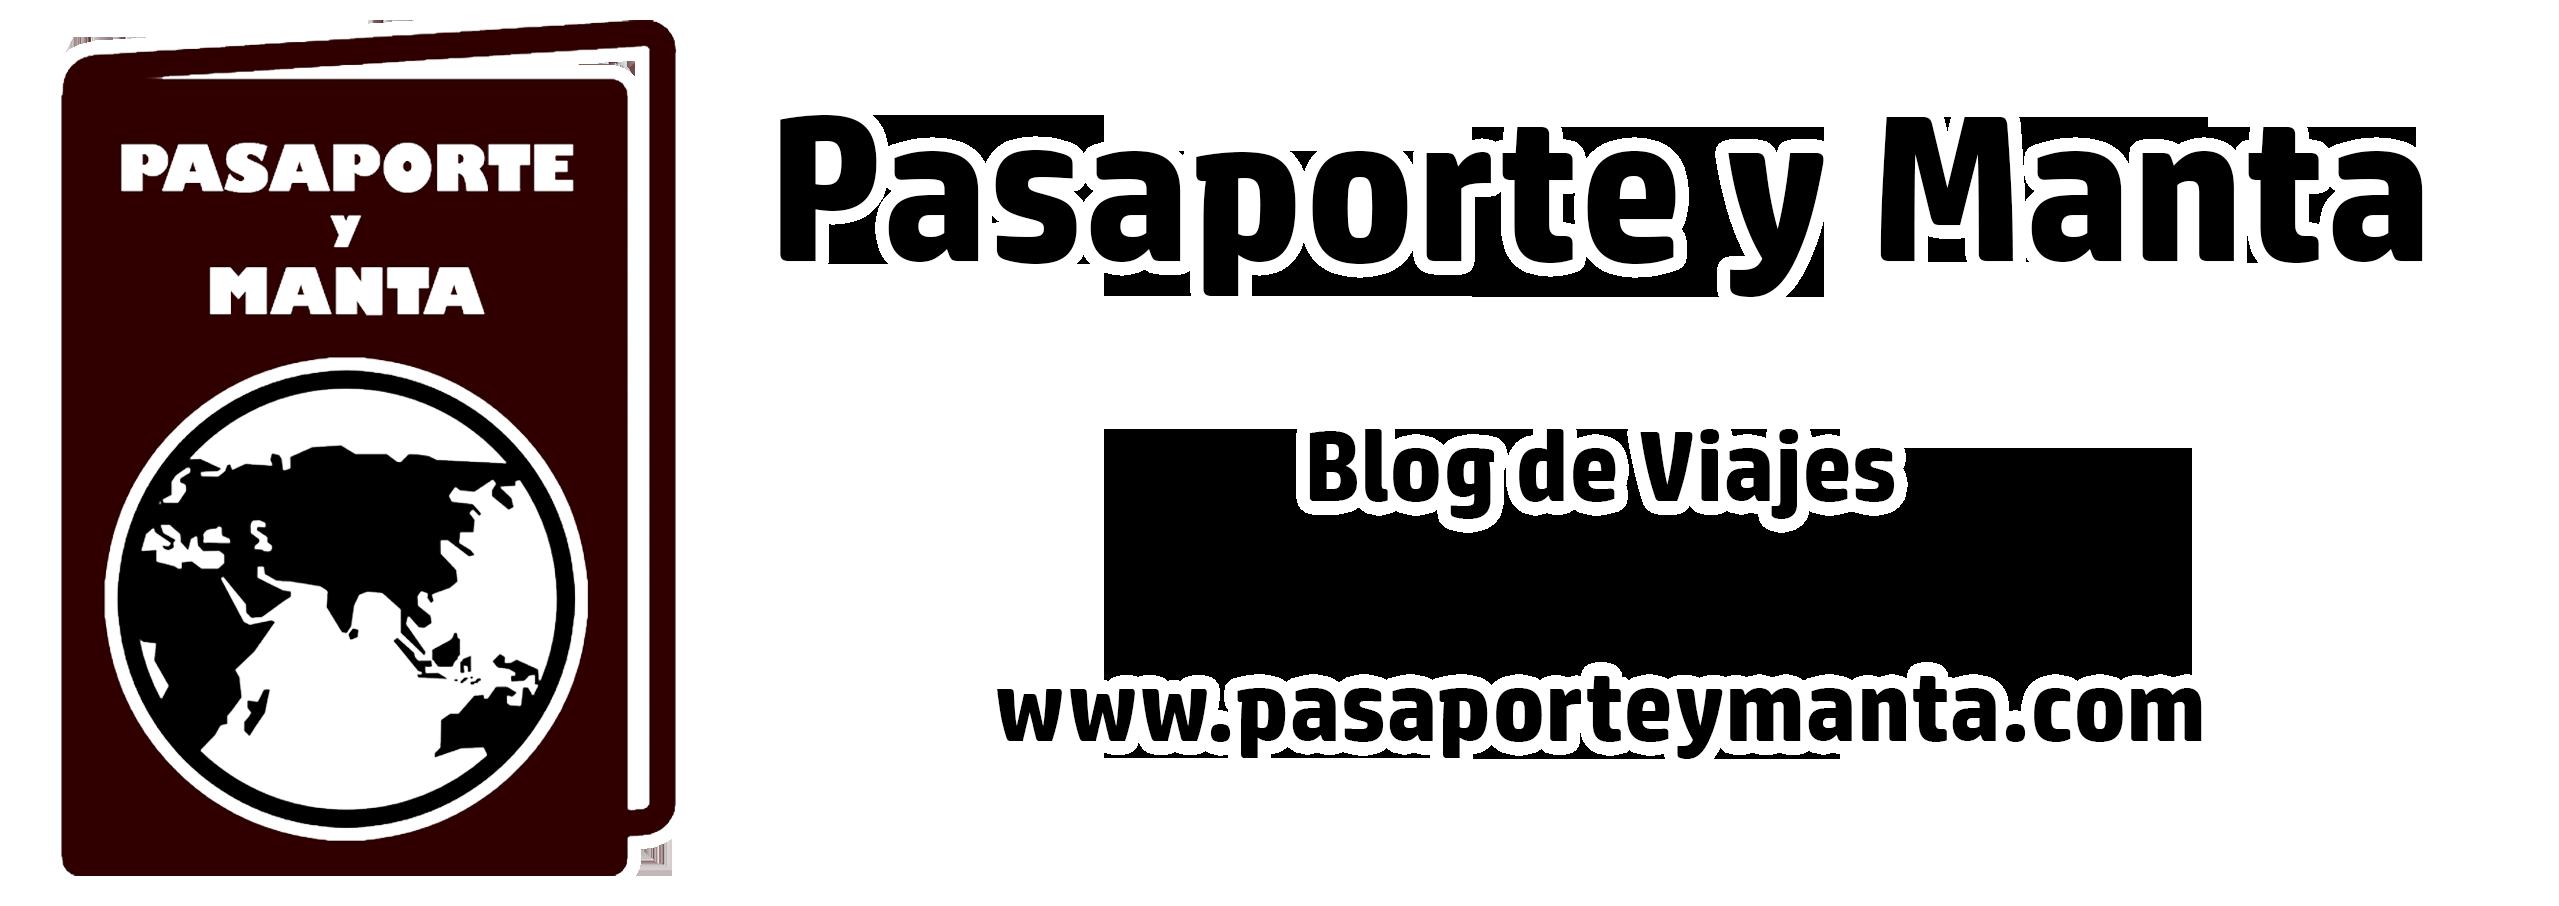 Pasaporte y Manta